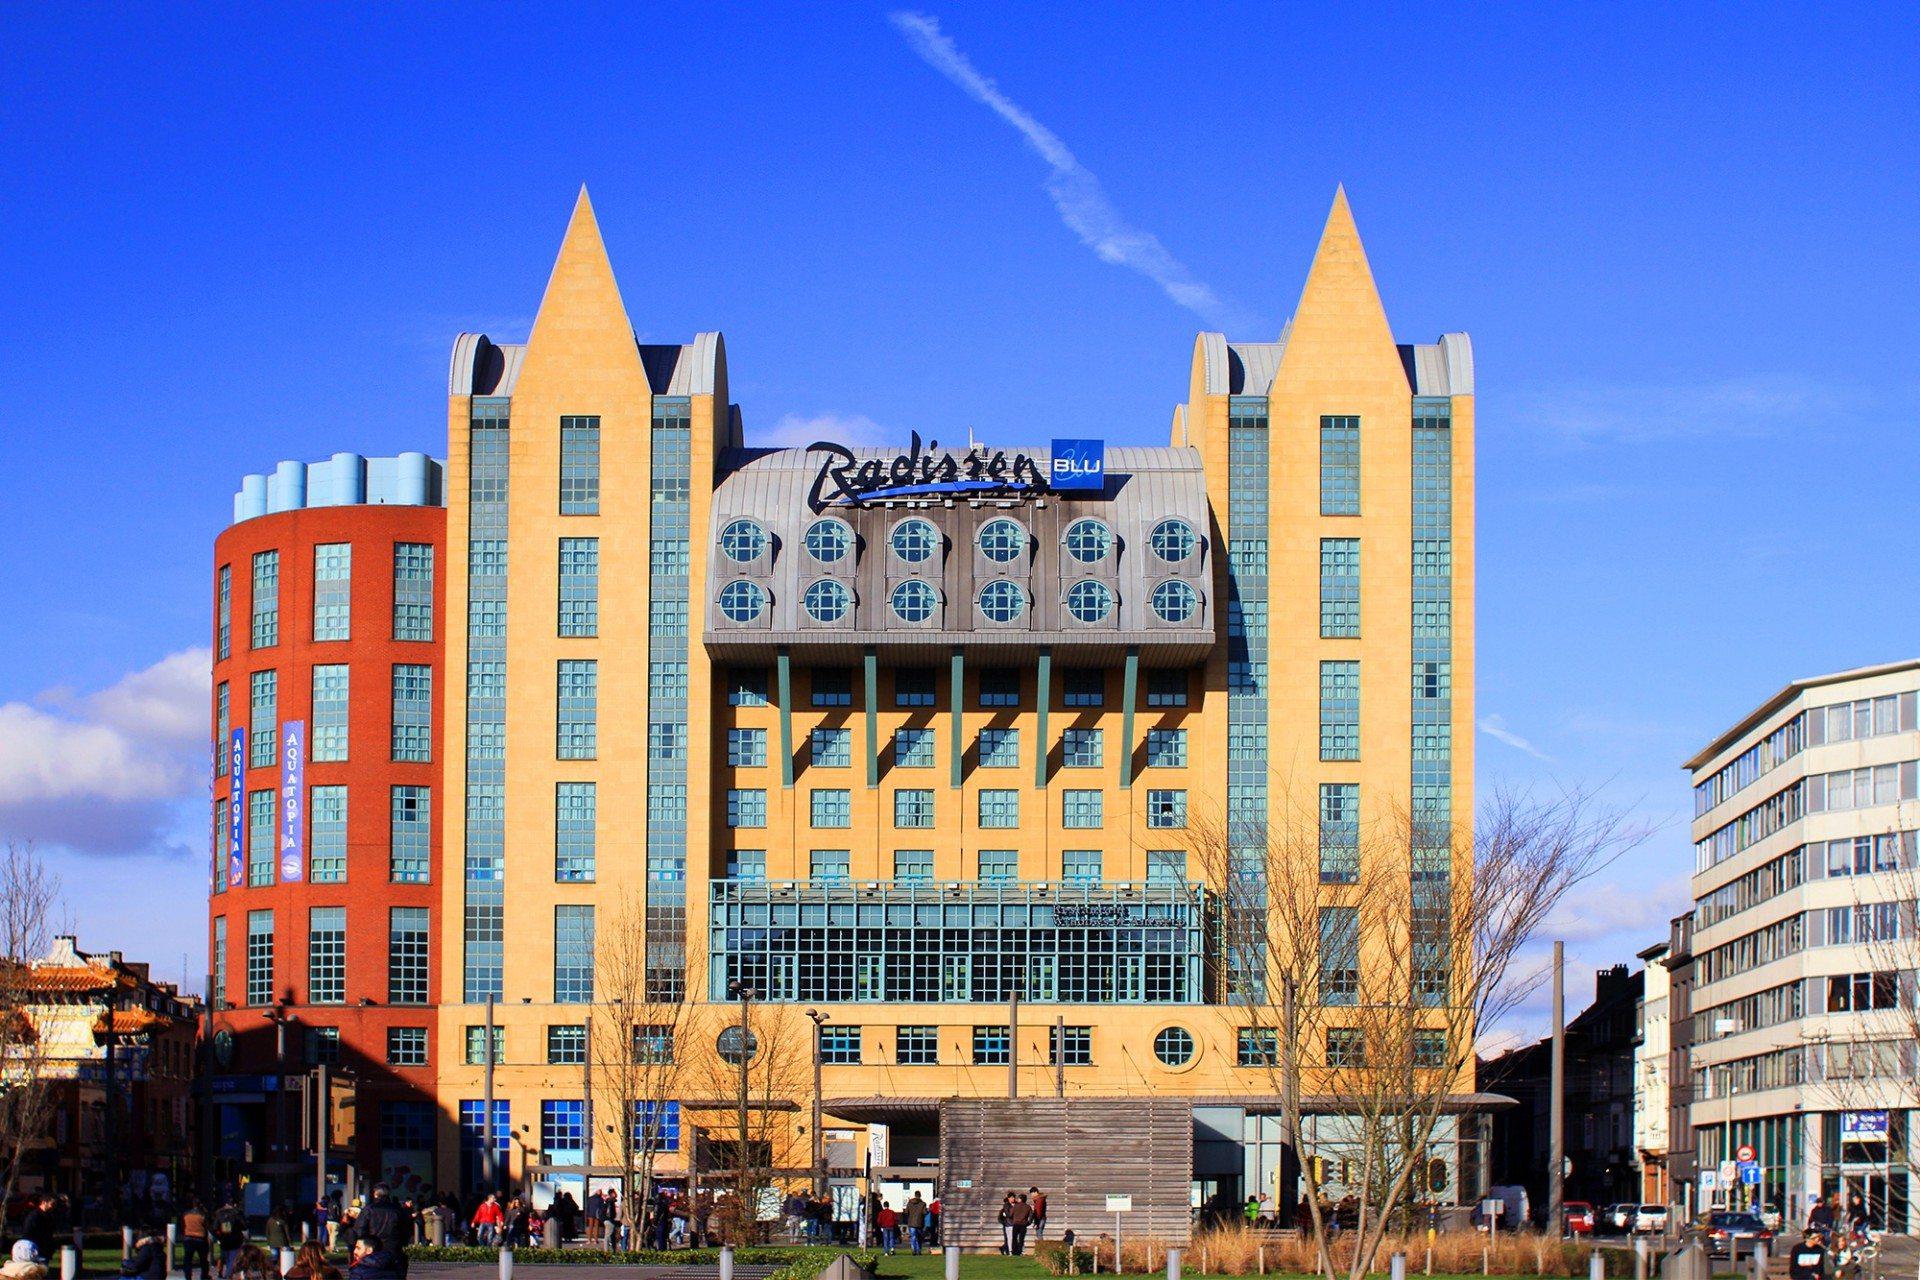 Legomäßig. Gegenüber des fabelhaften Hauptbahnhofs geht es bunt und a la Lego zur Sache. In dem 1997 errichteten postmodernen (Alb)traum befinden sich das Aquatopia Aquarium und das Radisson Blue Hotel Antwerpen.